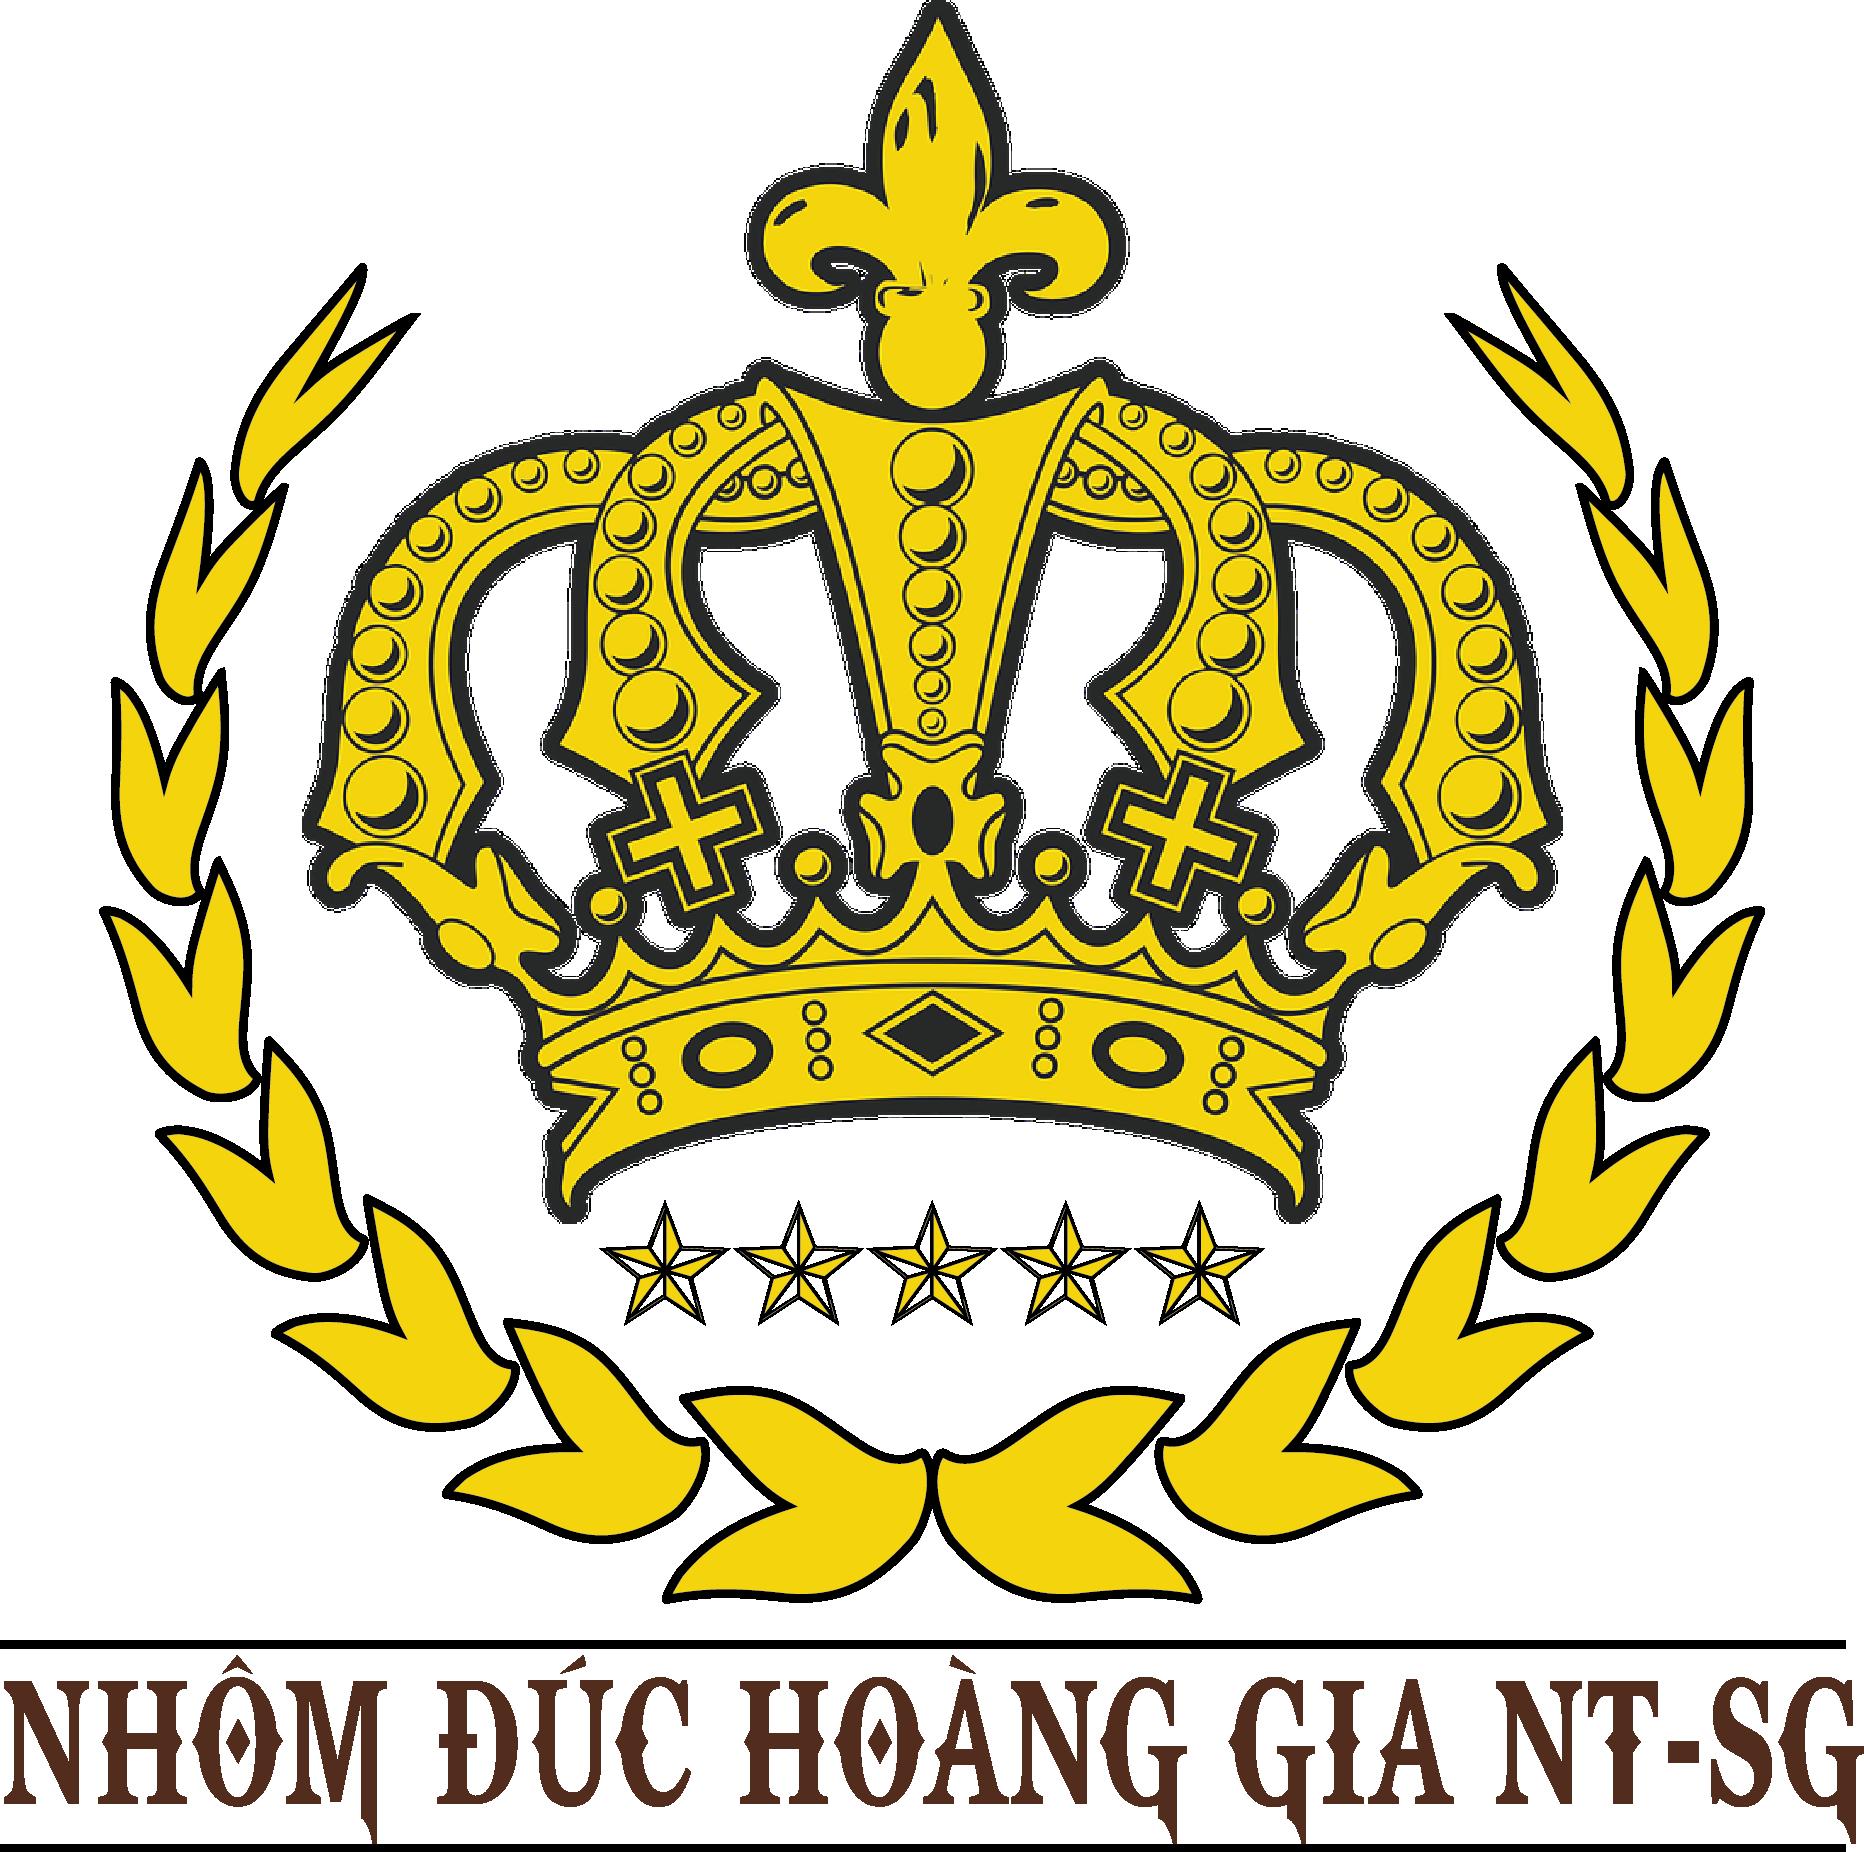 Chuyên thi công Sắt mỹ thuật, Sắt CNC Cao Cấp Giá Rẻ tại Nha Trang, Khánh Hòa